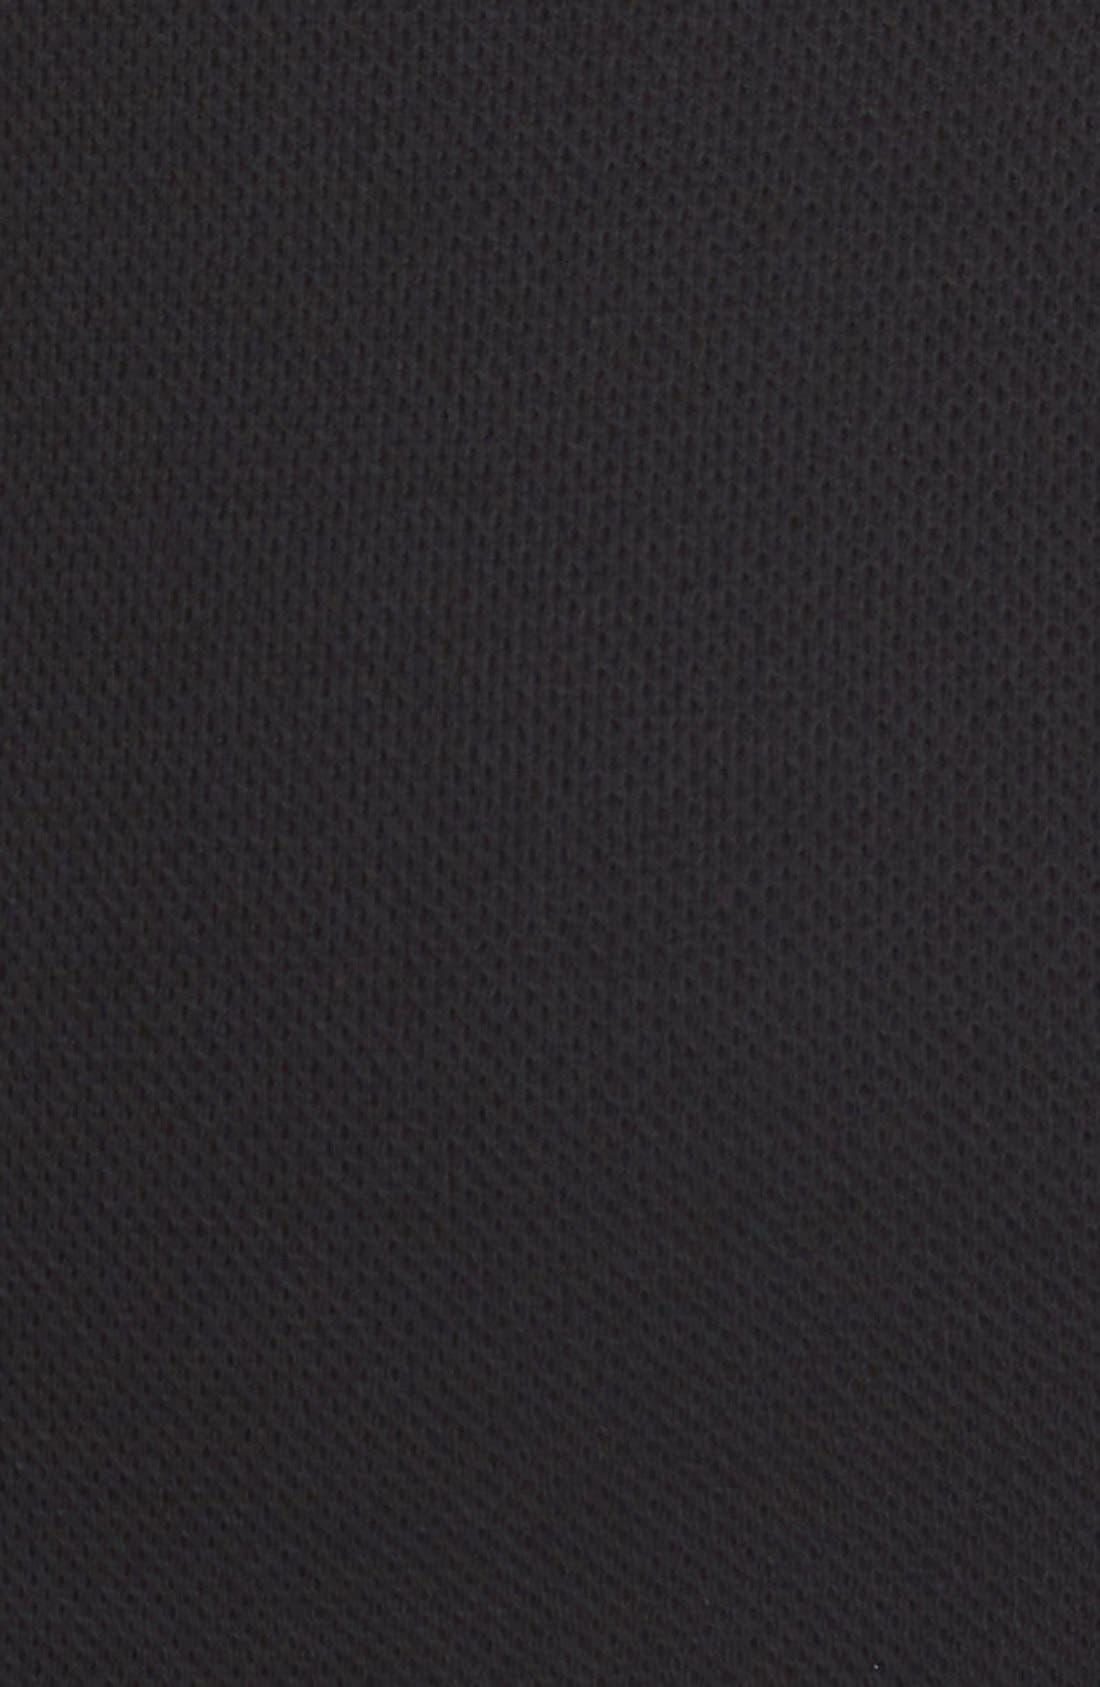 Milano Piqué Knit Scoop Neck Dress,                             Alternate thumbnail 6, color,                             001